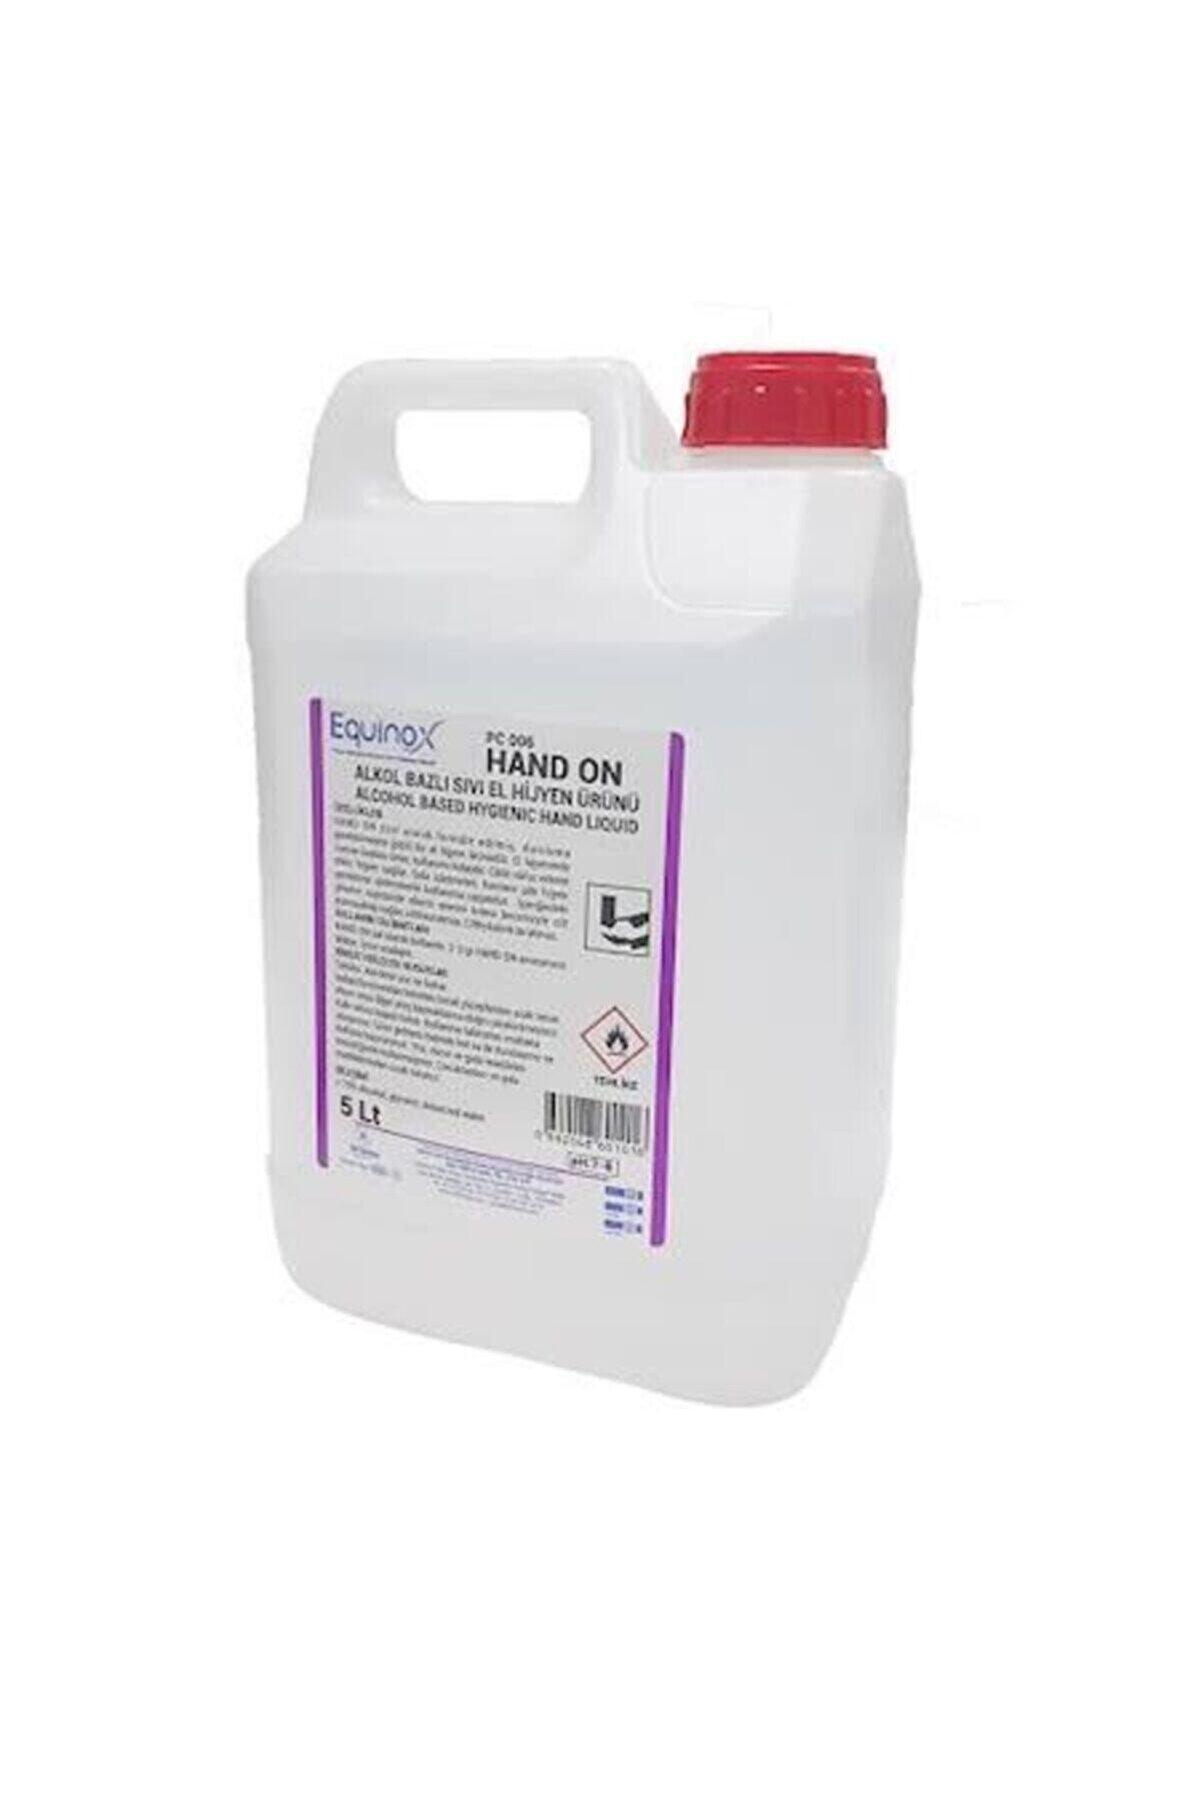 Equinox Hand On El Dezenfektanı Antiseptik Hijyen Ürünü Sıvı 5 Lt